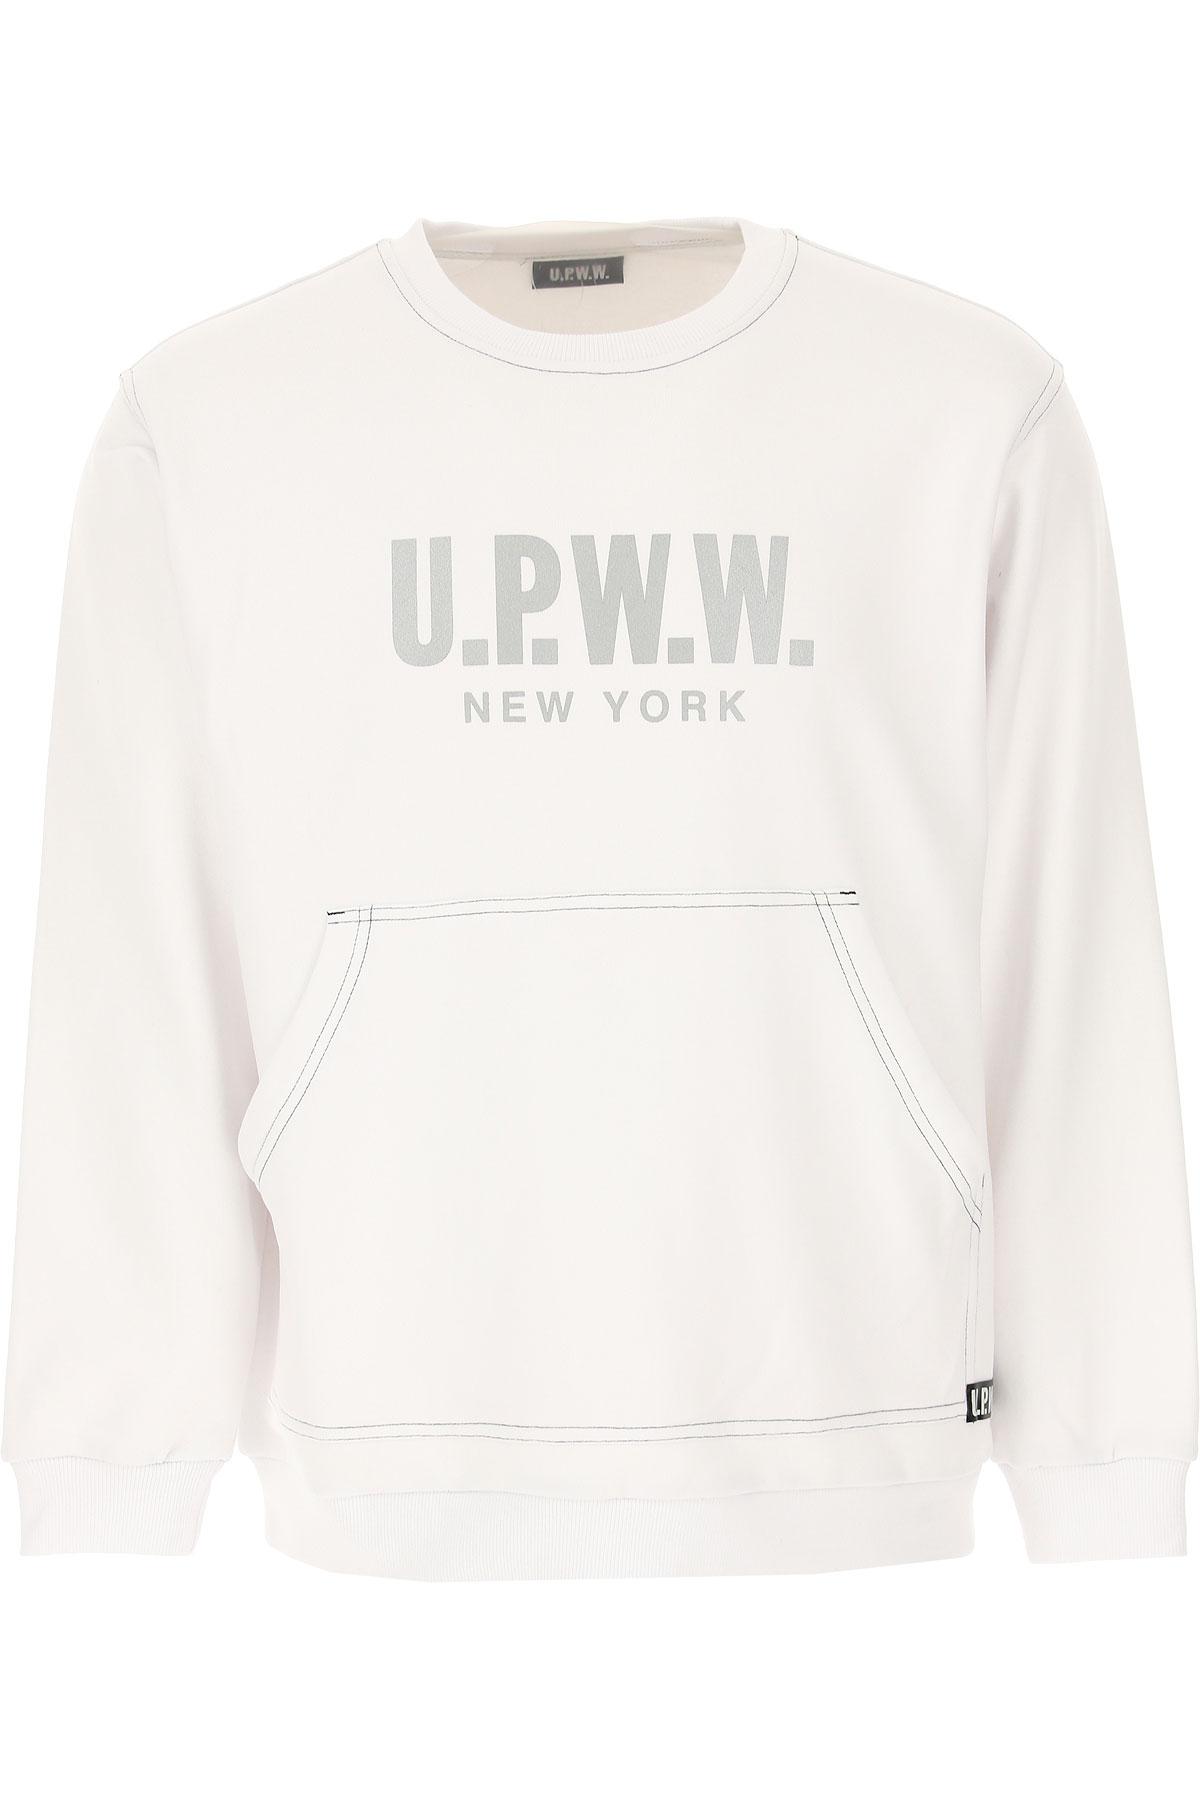 U.P.W.W. Sweat Homme Pas cher en Soldes, Blanc, Coton, 2019, L M S XS